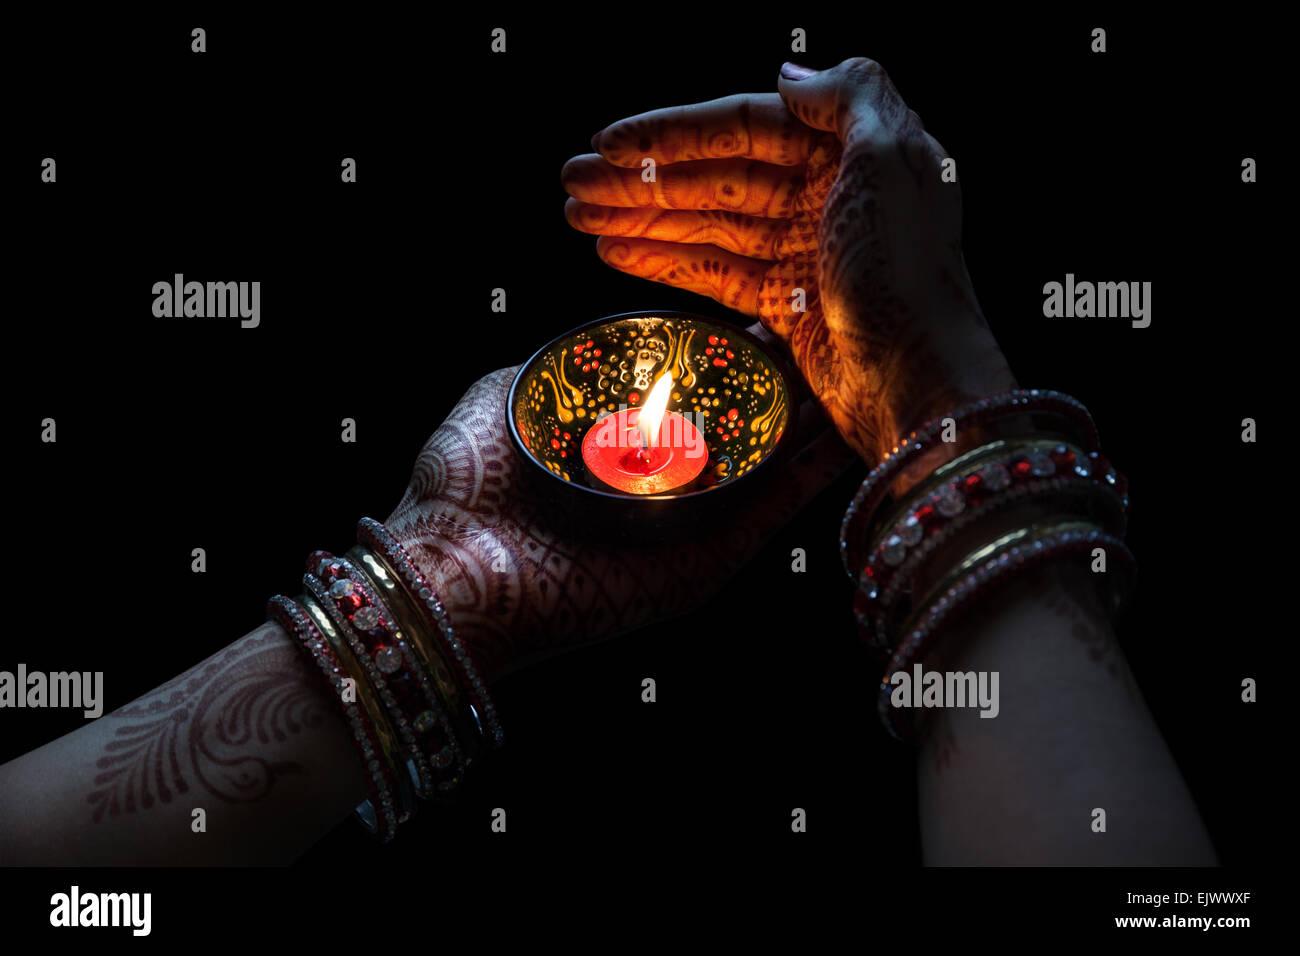 Frau Hände mit Henna mit Kerze auf Beschneidungspfad auf schwarzem Hintergrund isoliert Stockbild